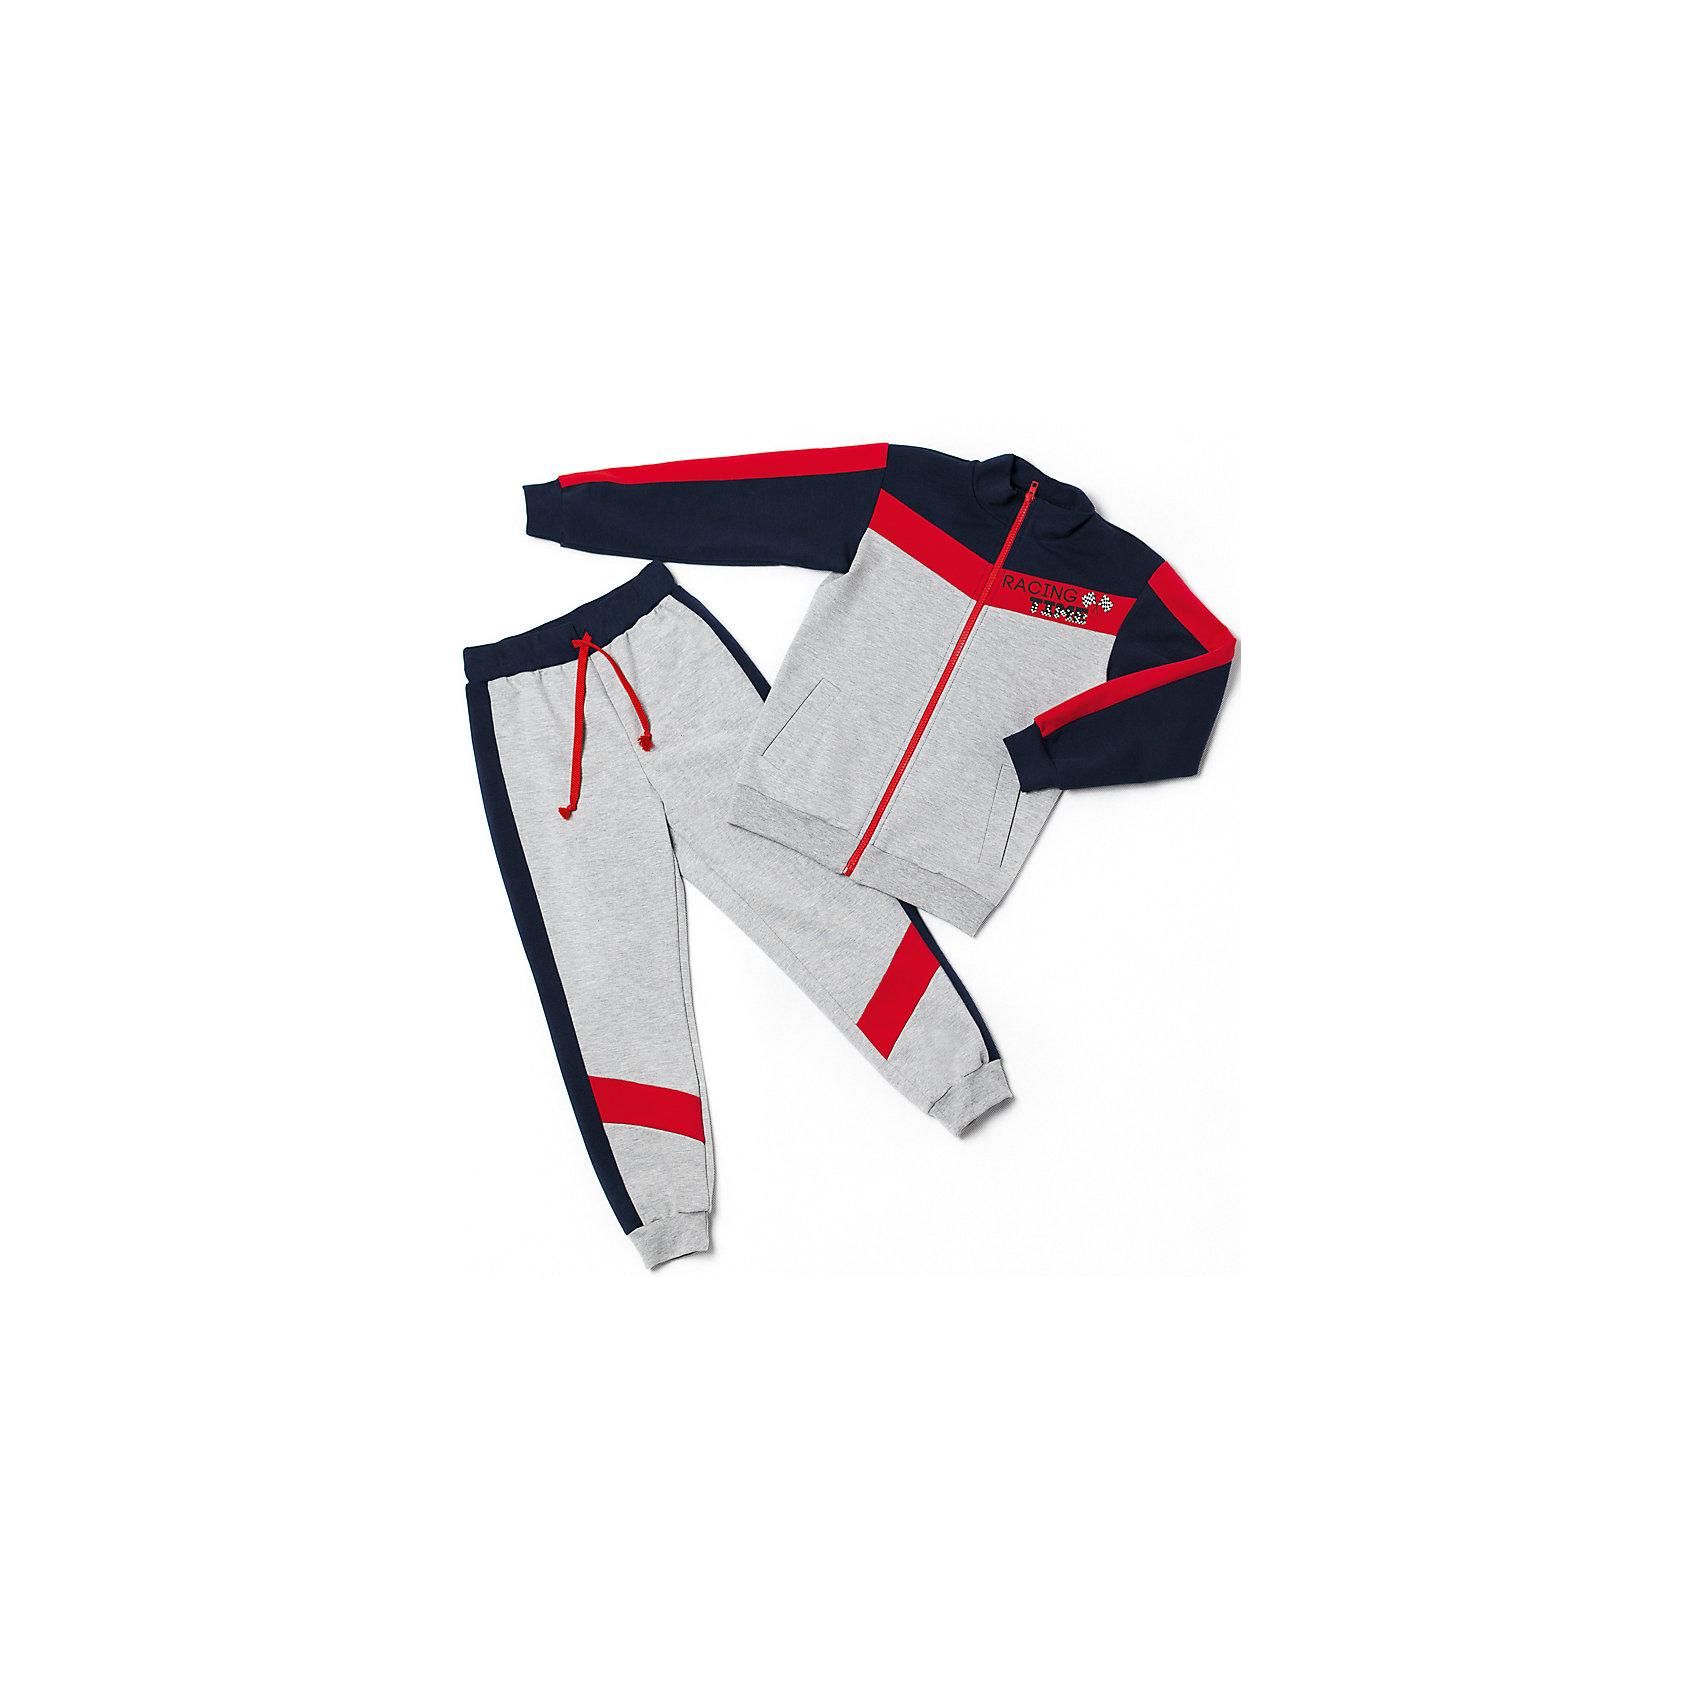 Спортивный костюм для мальчикаСпортивный костюм для мальчика от белорусской марки Goldy. Костюм состоит из толстовки и брюк с манжетами.<br>Состав:<br>футер компакт пенье (70% хлопок, 26% ПЭ, 4% лайкра)<br><br>Ширина мм: 247<br>Глубина мм: 16<br>Высота мм: 140<br>Вес г: 225<br>Цвет: разноцветный<br>Возраст от месяцев: 24<br>Возраст до месяцев: 36<br>Пол: Мужской<br>Возраст: Детский<br>Размер: 98,104,128,122,116,110<br>SKU: 4921195